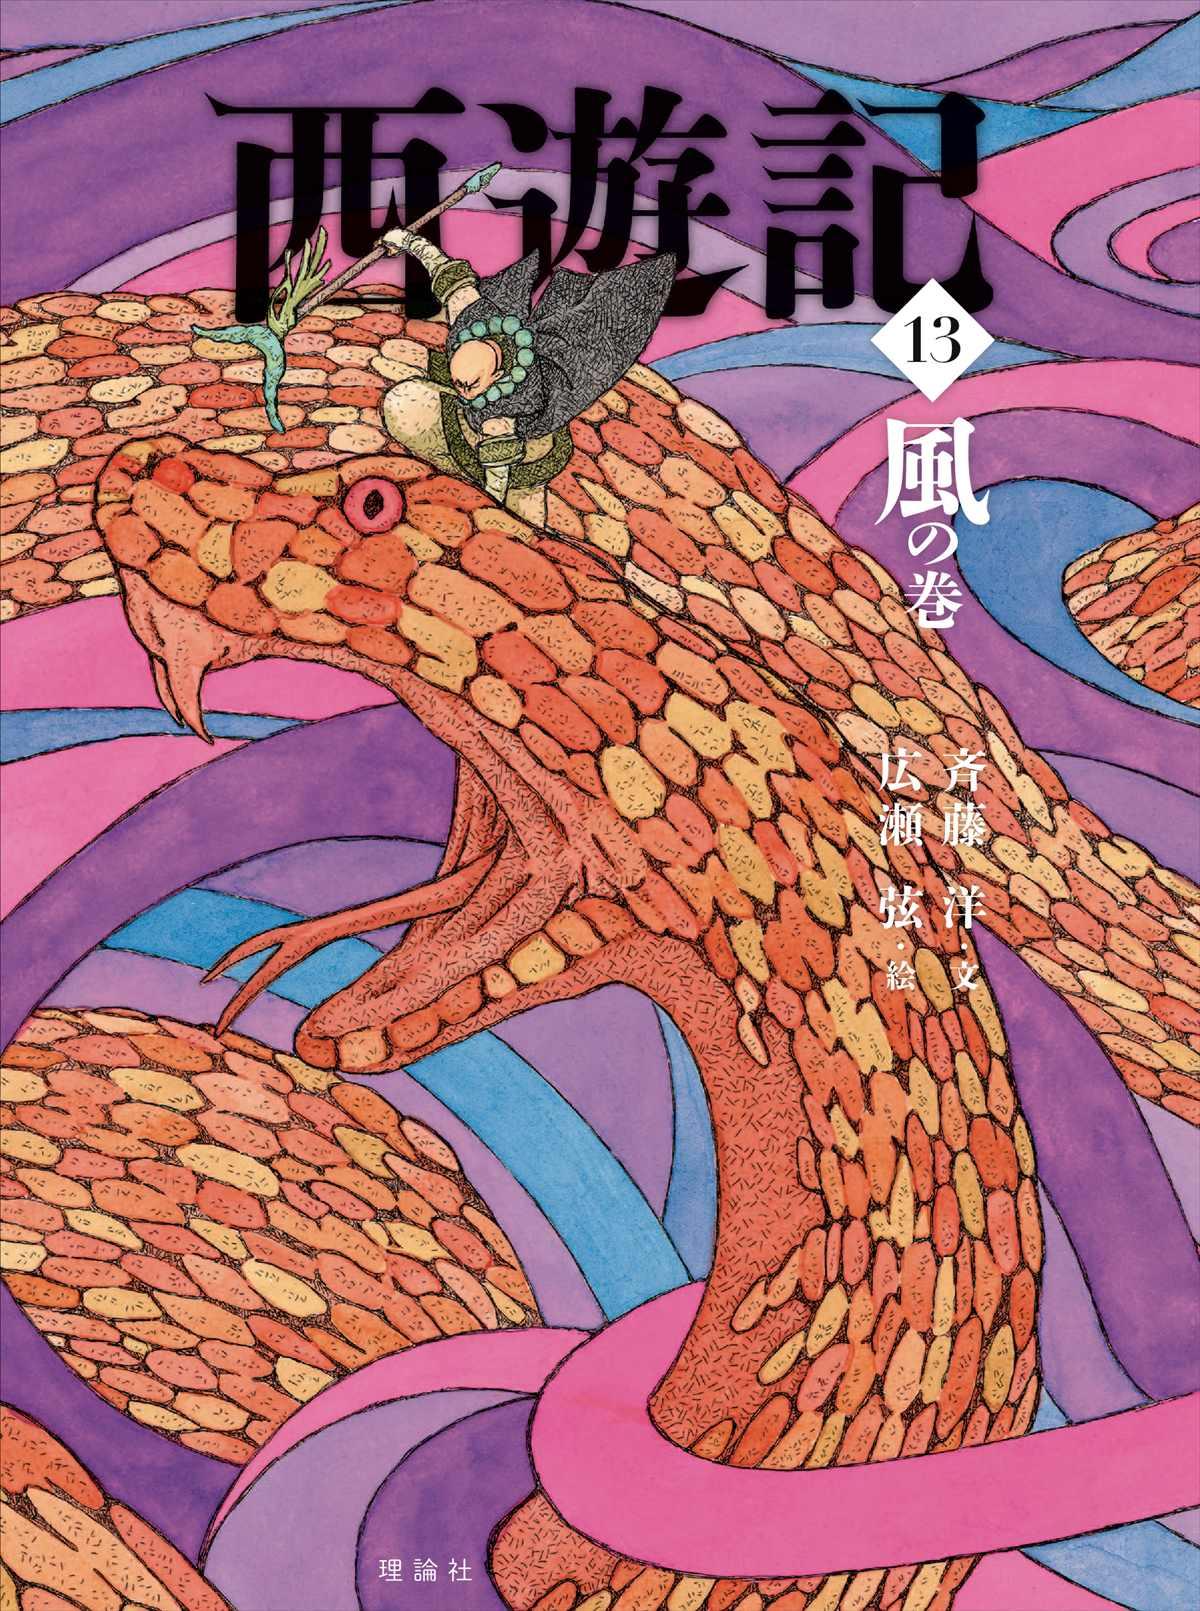 西遊記 (13) 風の巻